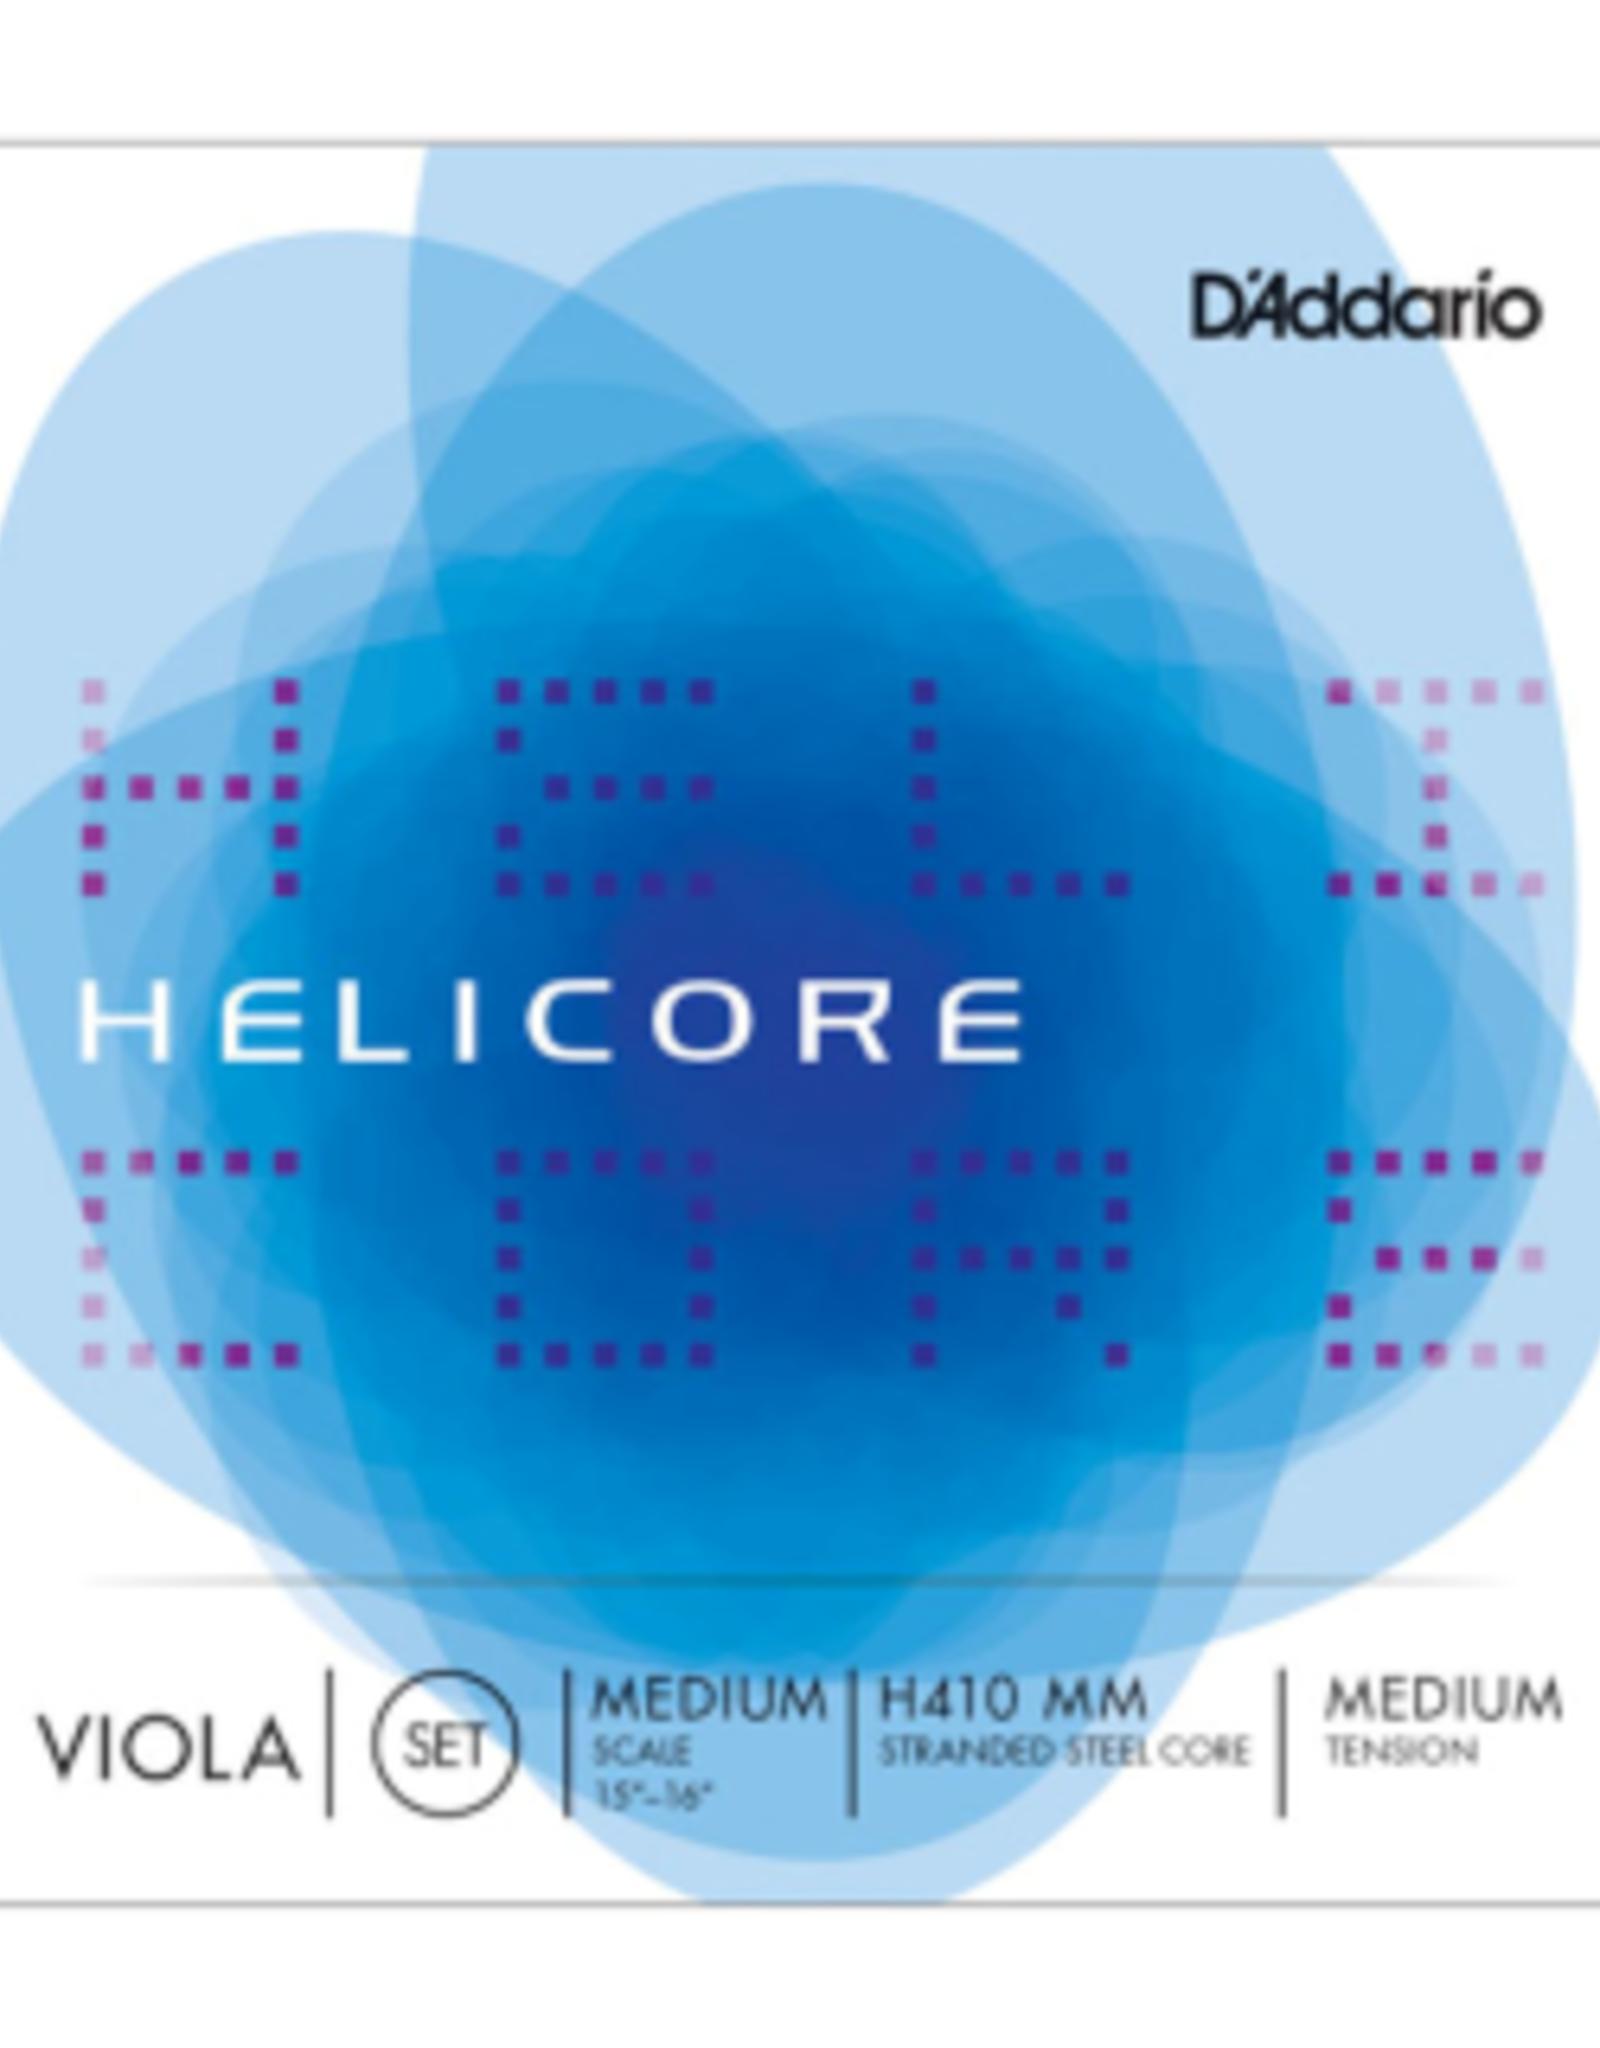 DADDARIO Helicore Viola string c, 15 -16 , medium, tungsten/silver